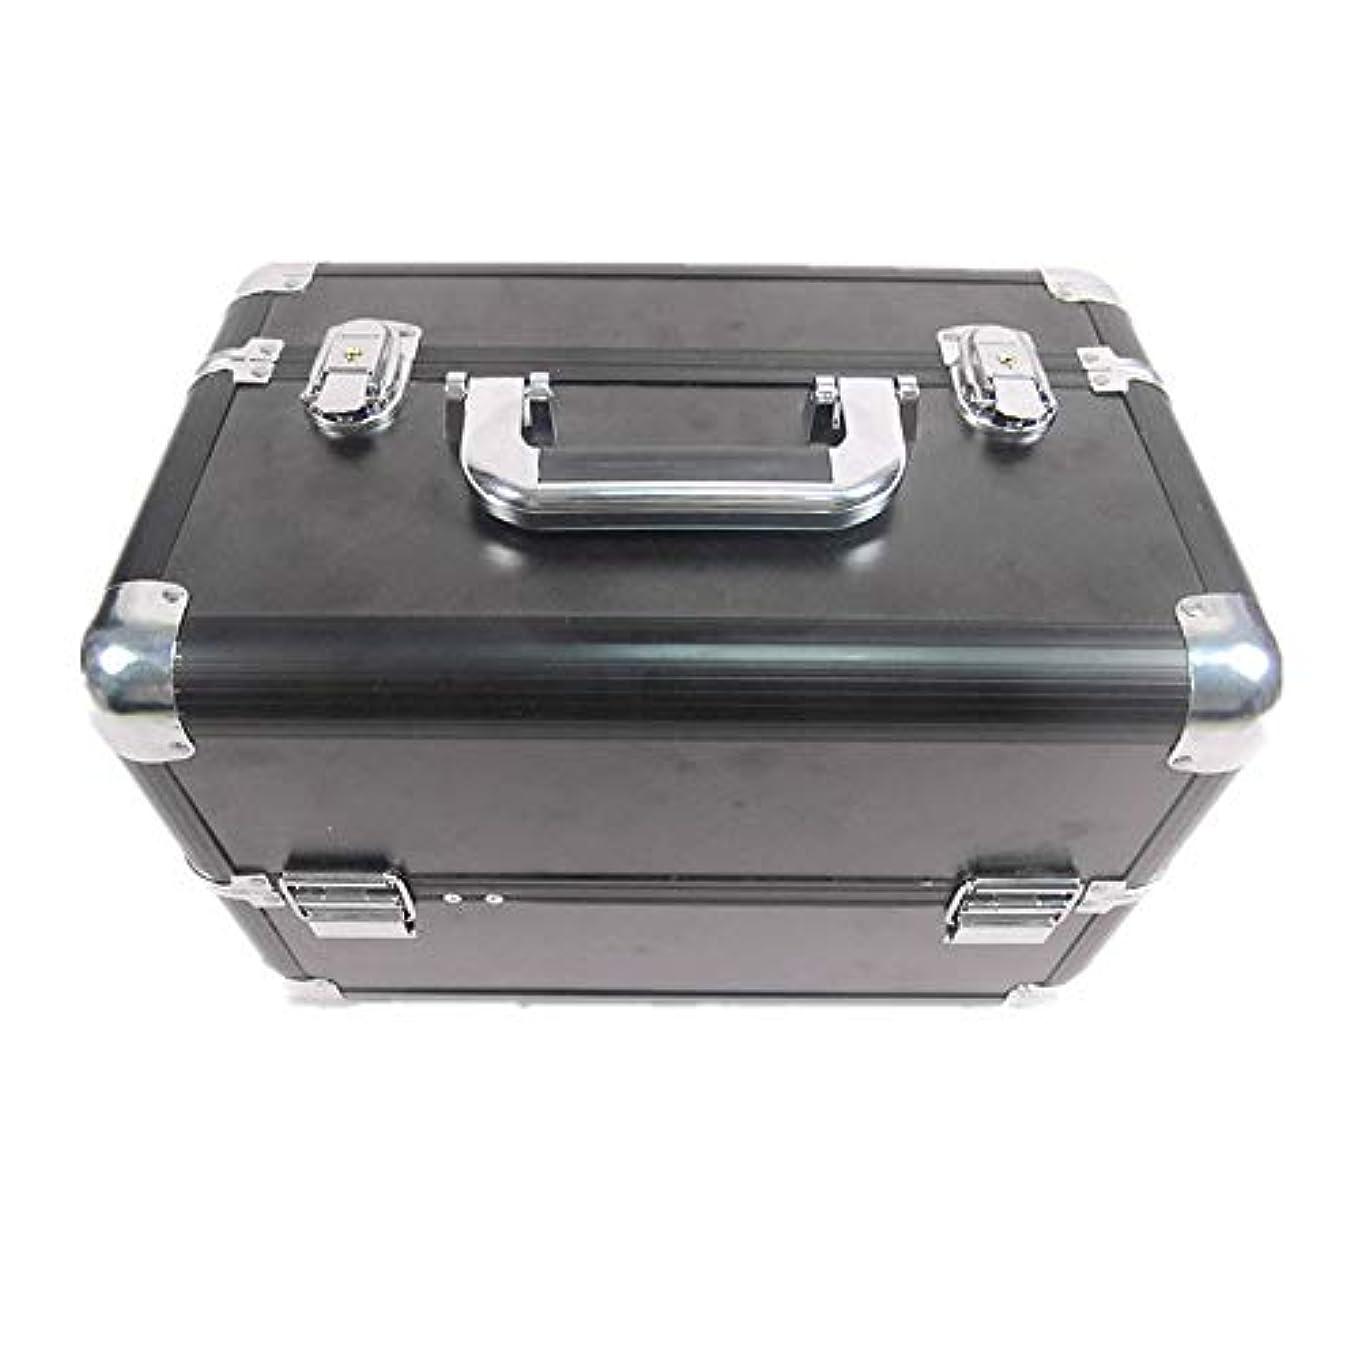 公式アマチュア時刻表化粧オーガナイザーバッグ 大容量ポータブル化粧ケース(トラベルアクセサリー用)シャンプーボディウォッシュパーソナルアイテム収納トレイ(エクステンショントレイ付) 化粧品ケース